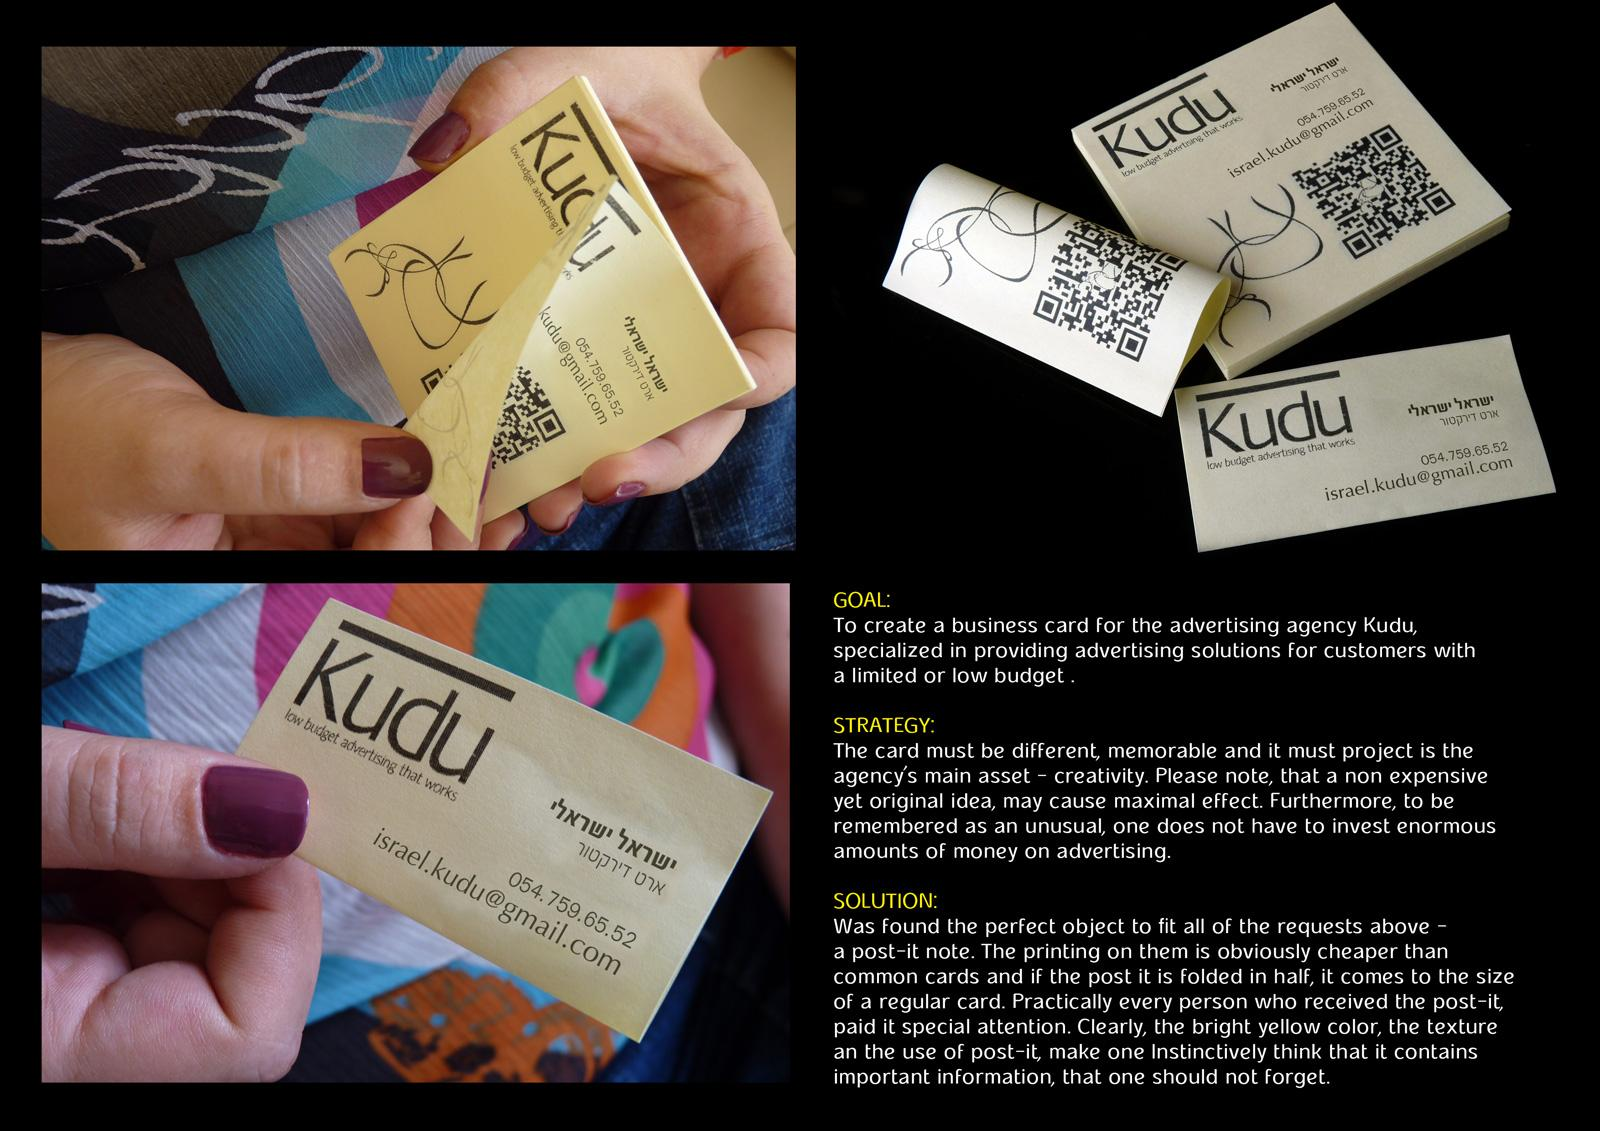 Kudu Direct Advert By Kudu: Business card | Ads of the World™